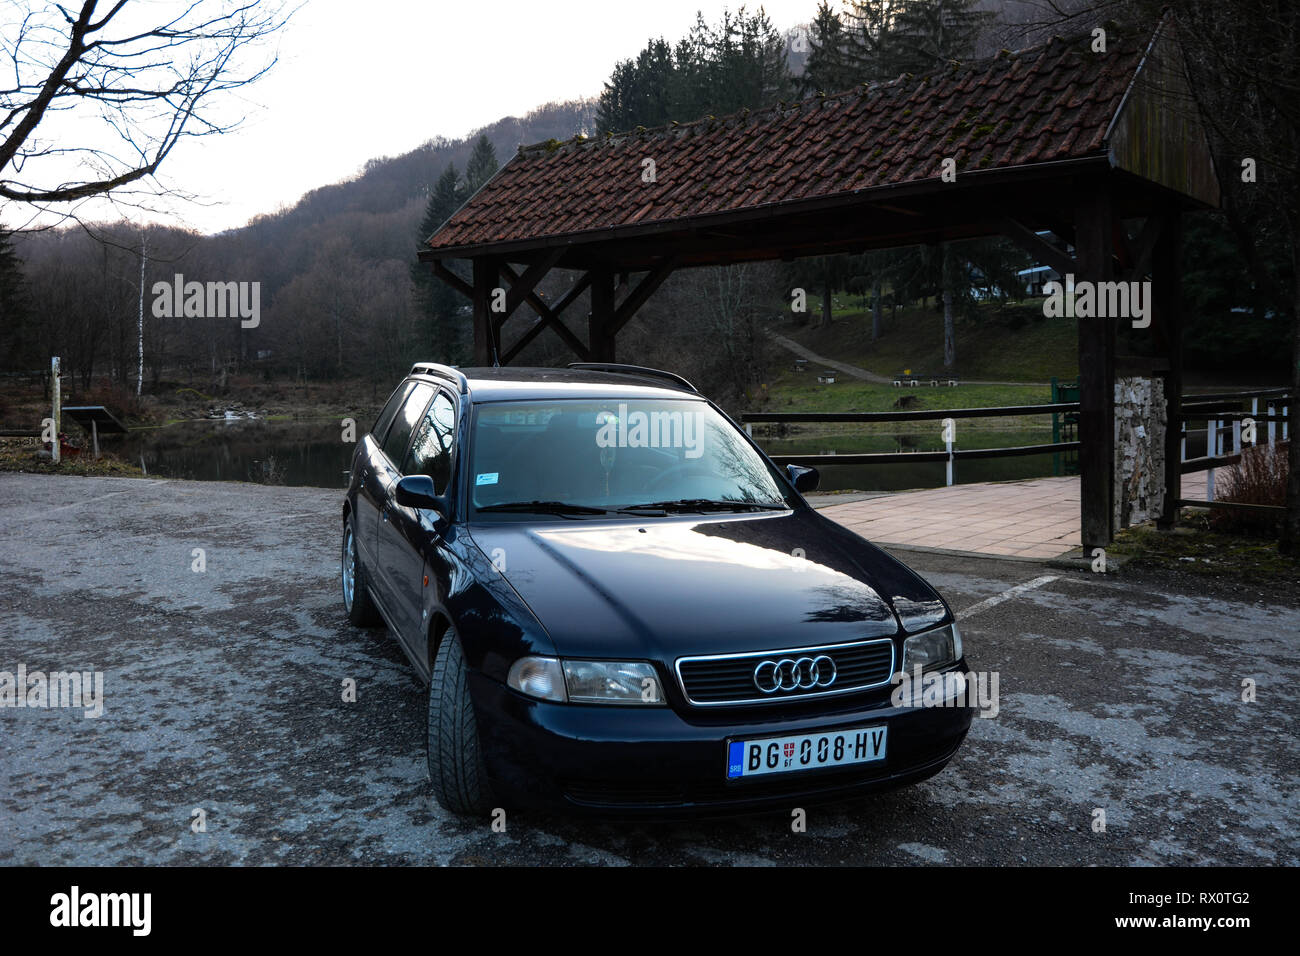 Audi A4 B5 Stock Photos Audi A4 B5 Stock Images Alamy